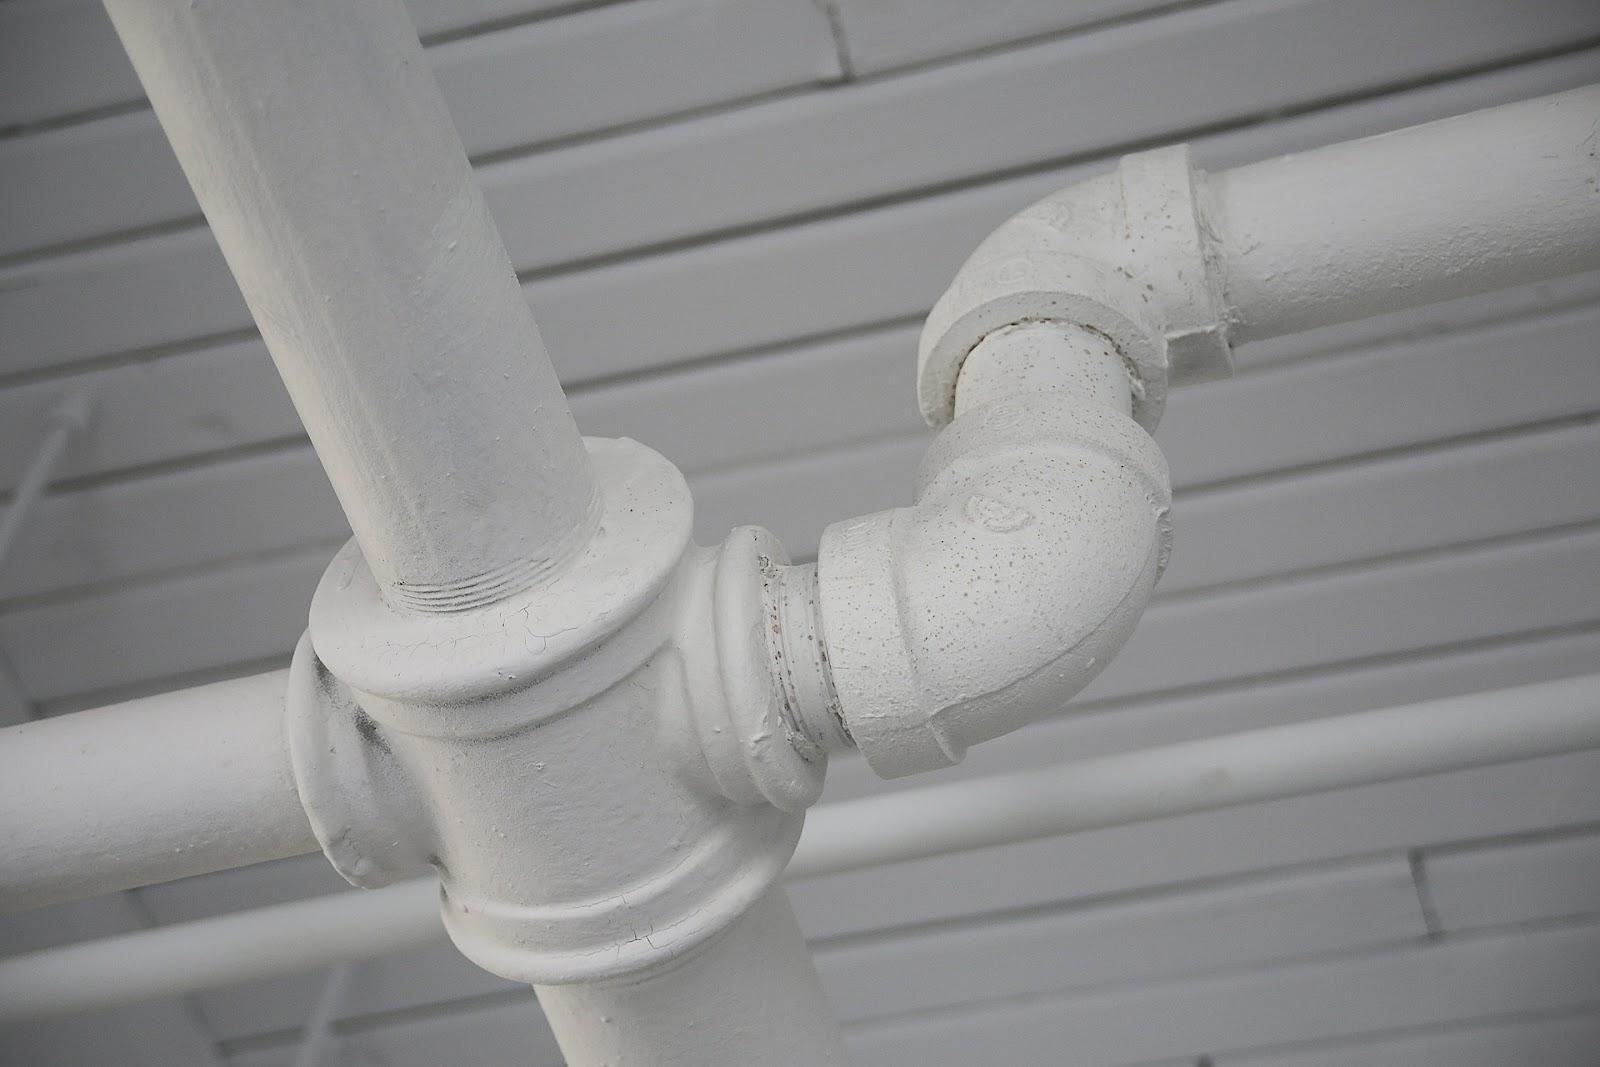 pipe-406906_1920.jpg